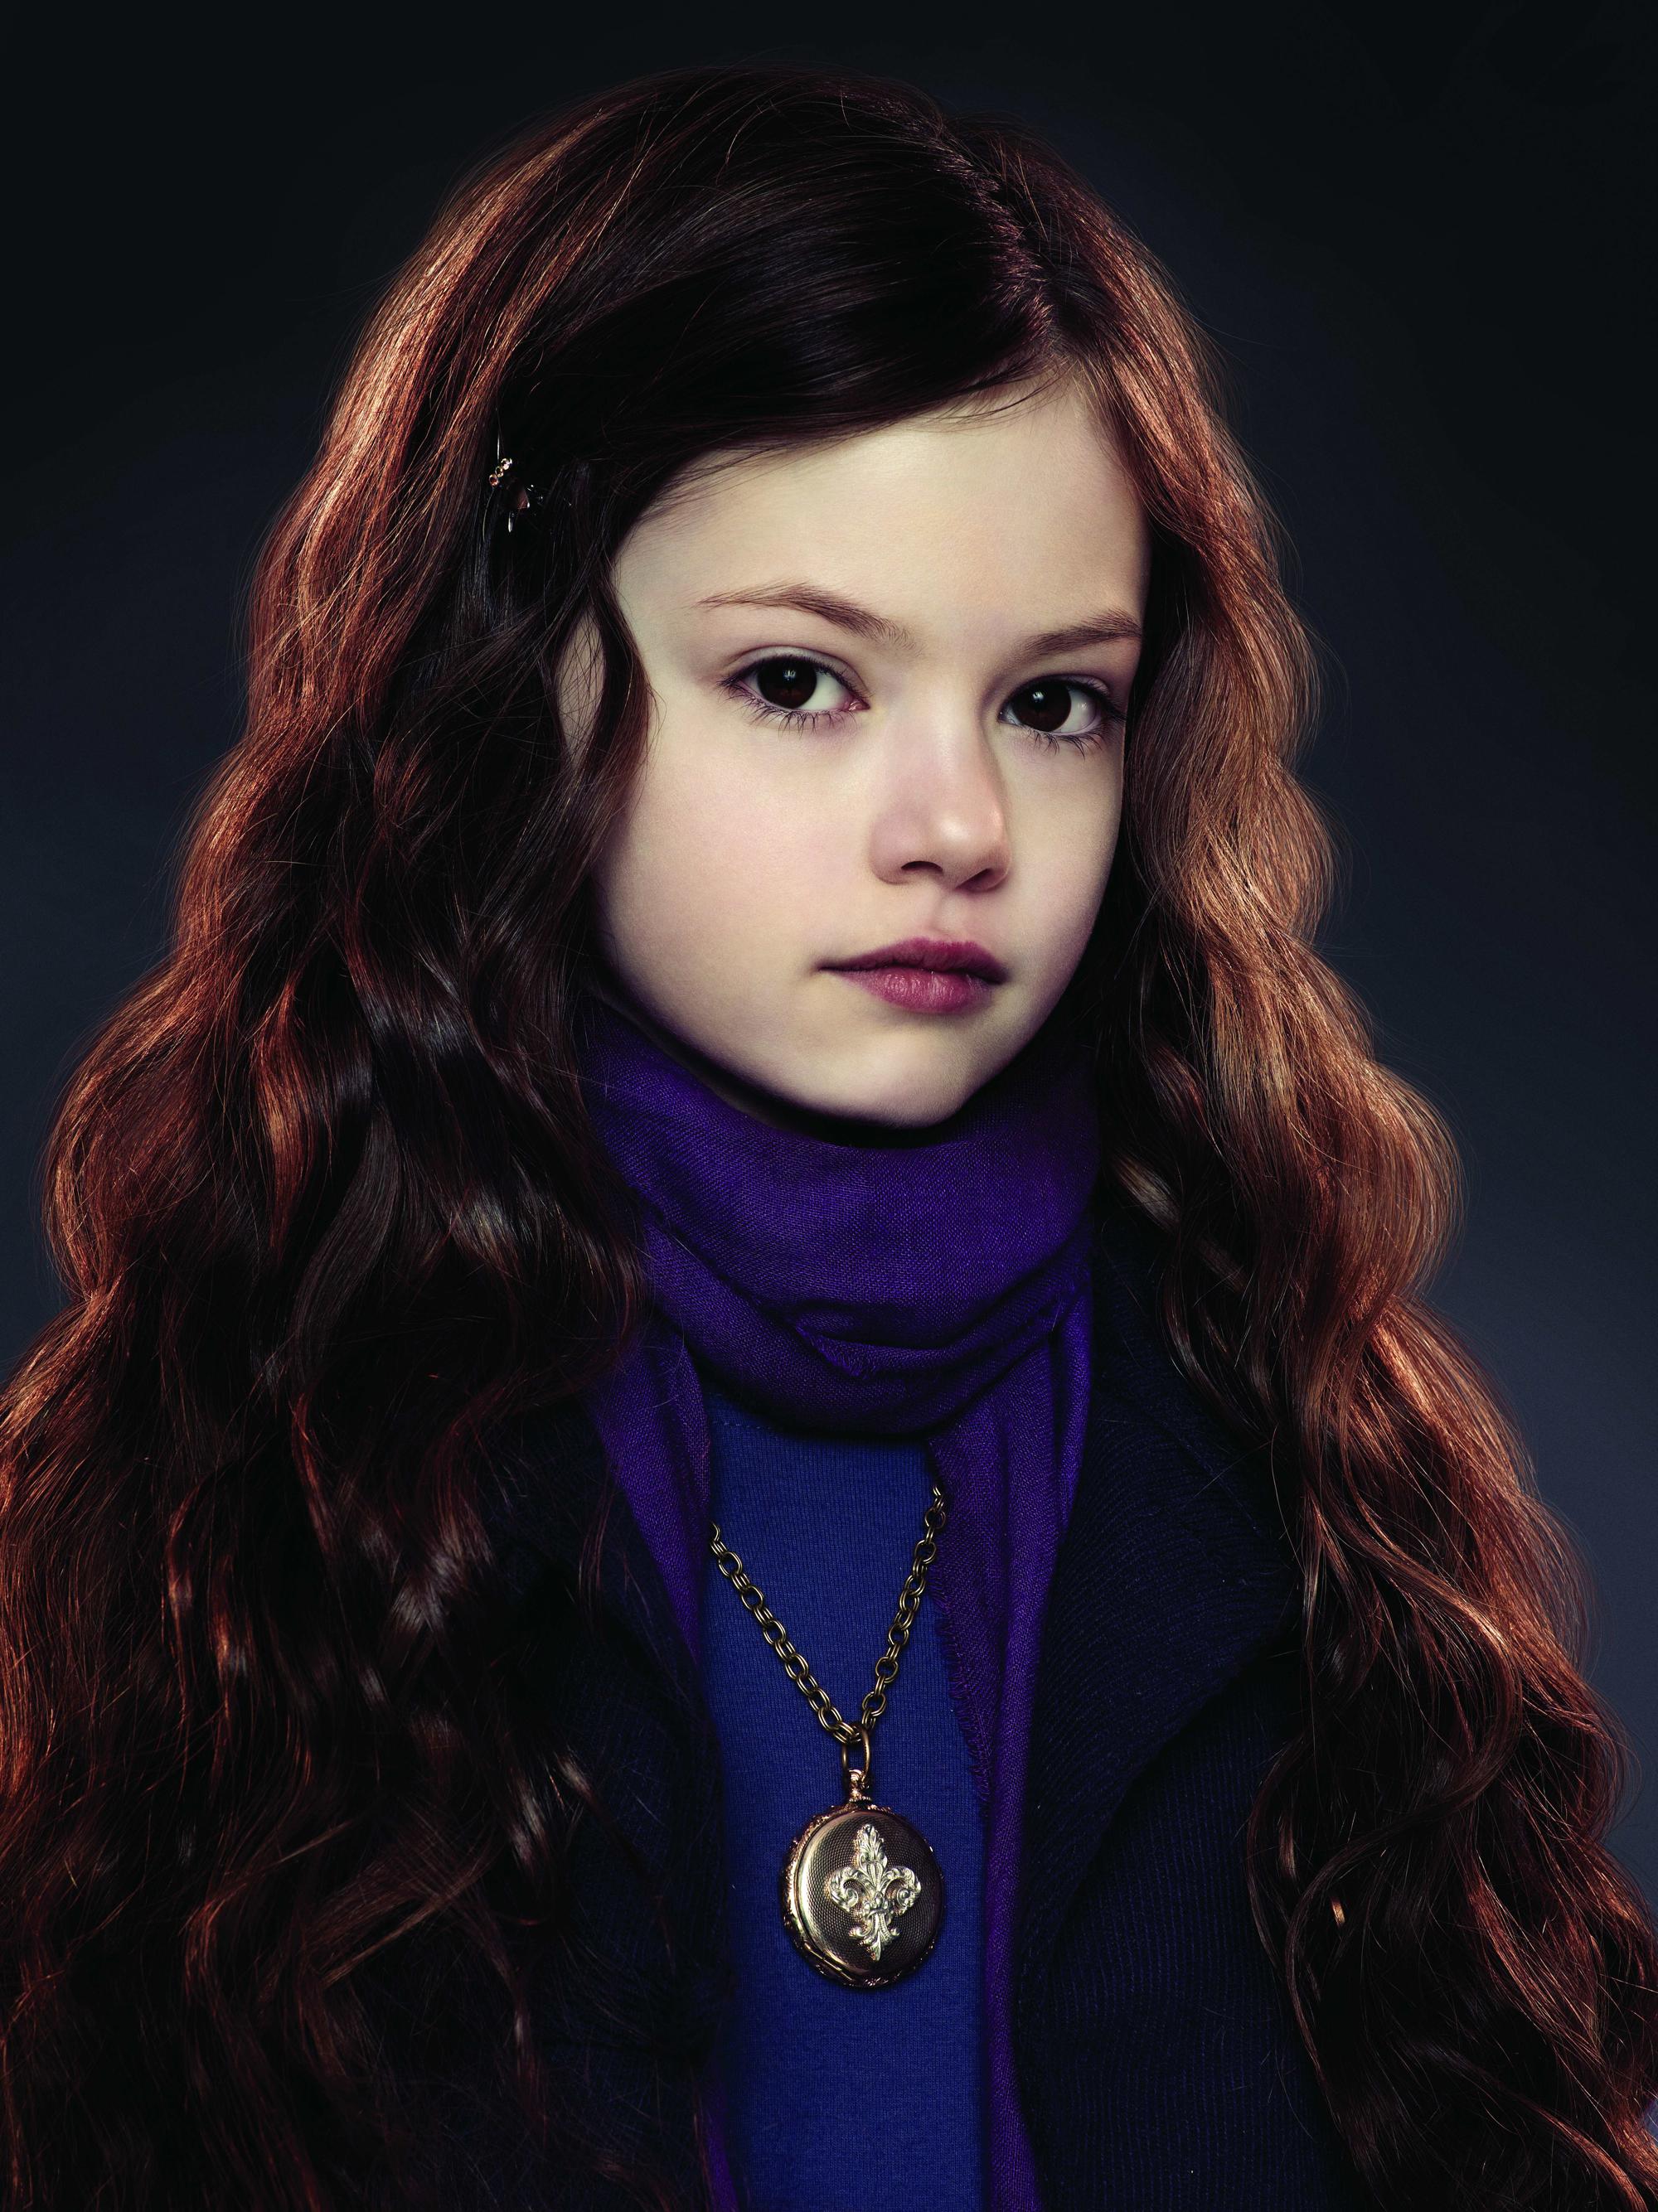 Renesmee Cullen   Twilight Serie Wiki   FANDOM powered by Wikia